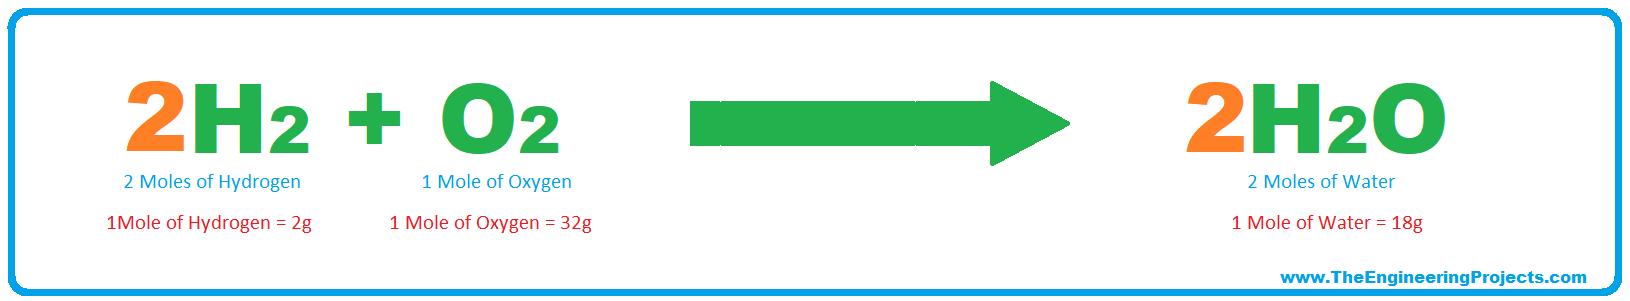 Stoichiometry, what is Stoichiometry, Stoichiometry laws, Stoichiometry rules, Stoichiometry definition, Stoichiometry problems, Stoichiometry examples, Stoichiometry conversions, Stoichiometry calculations, balanced reaction, skeletal reaction